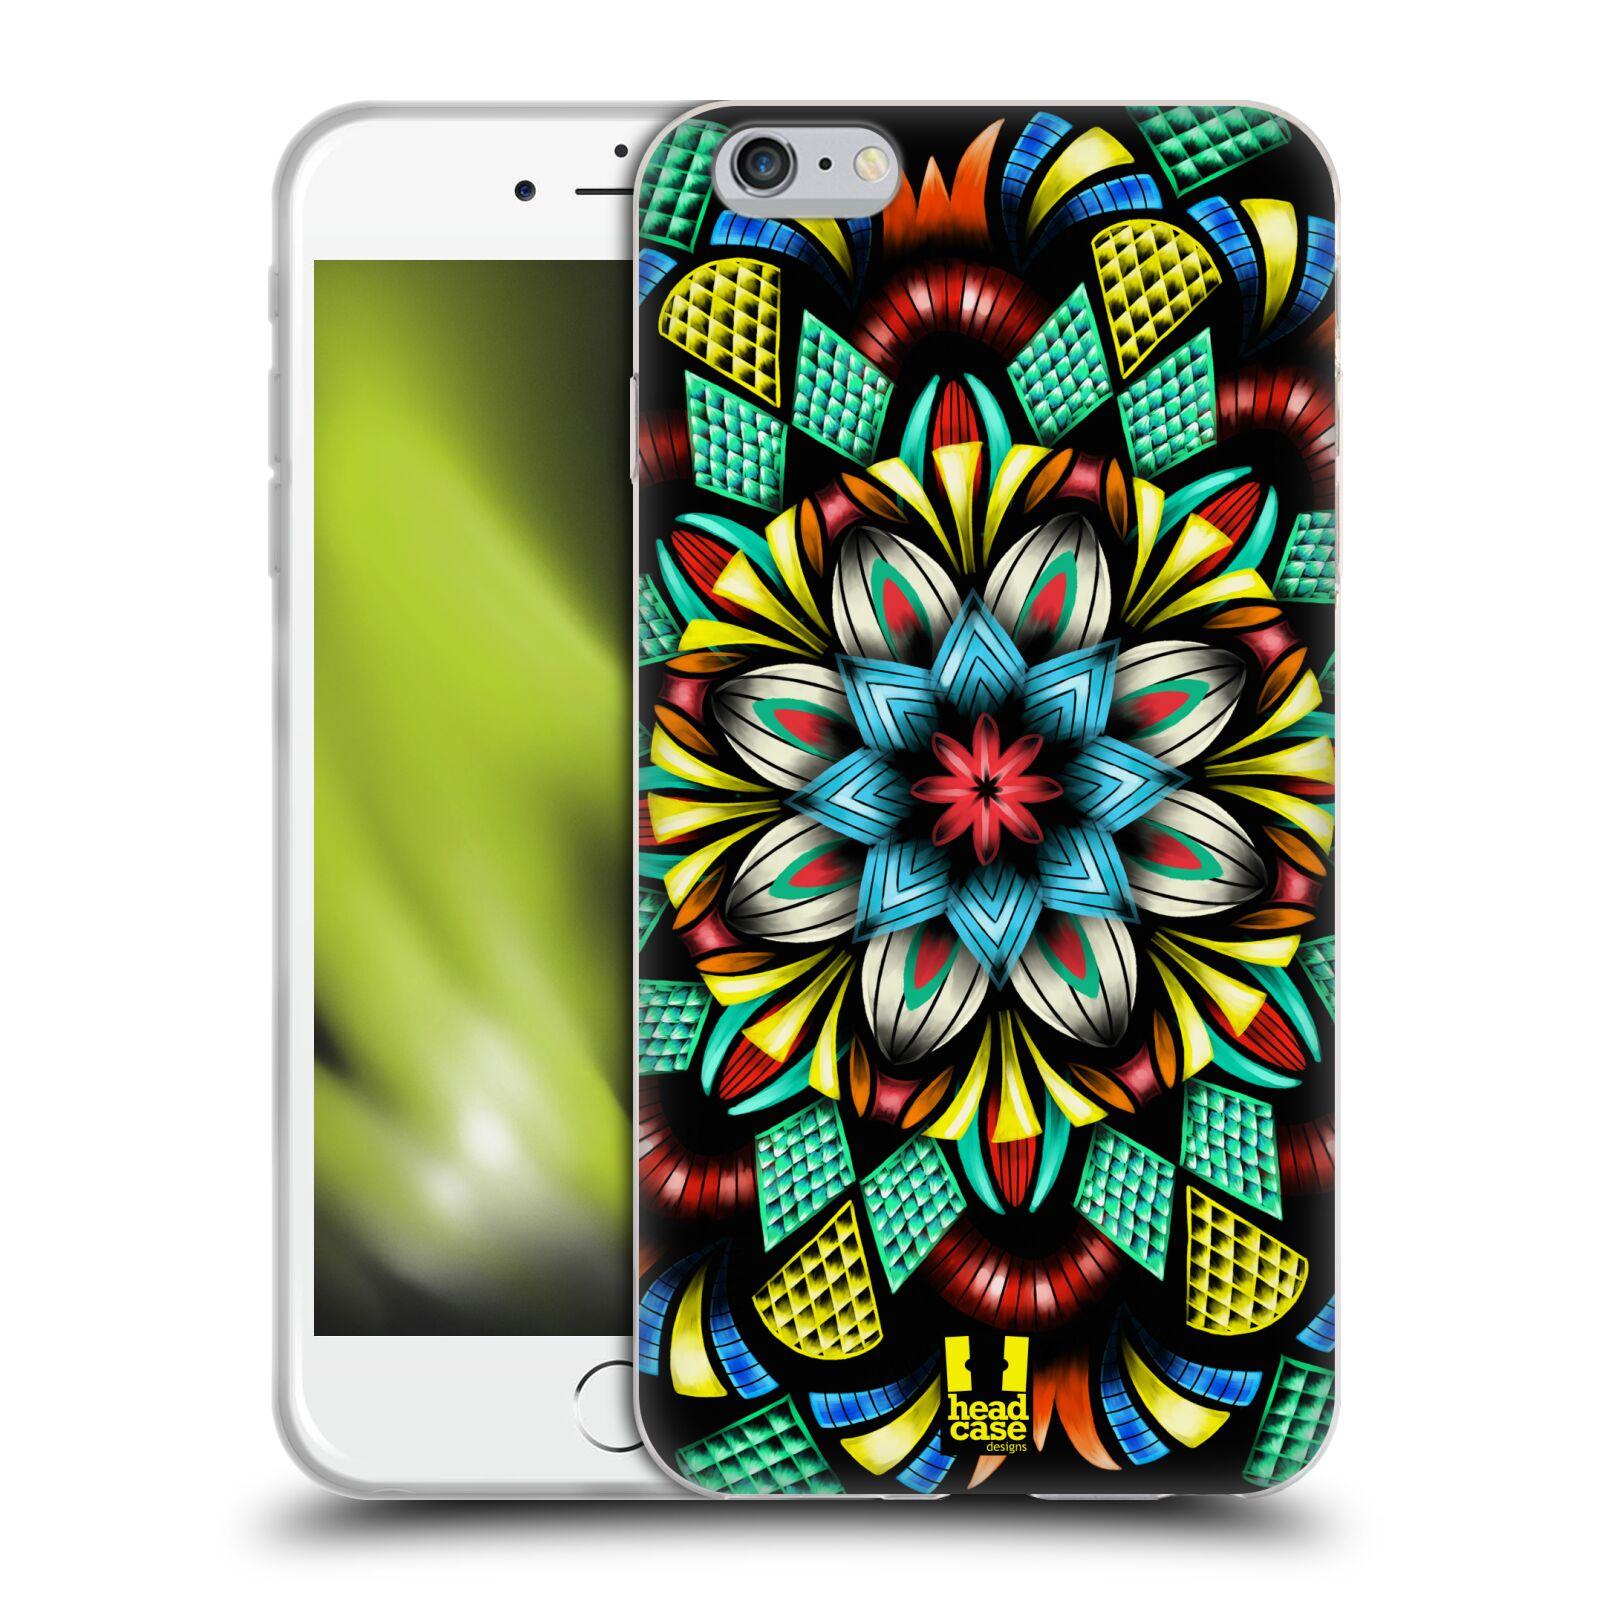 HEAD CASE silikonový obal na mobil Apple Iphone 6 PLUS/ 6S PLUS vzor Indie Mandala kaleidoskop barevný vzor TRADIČNÍ